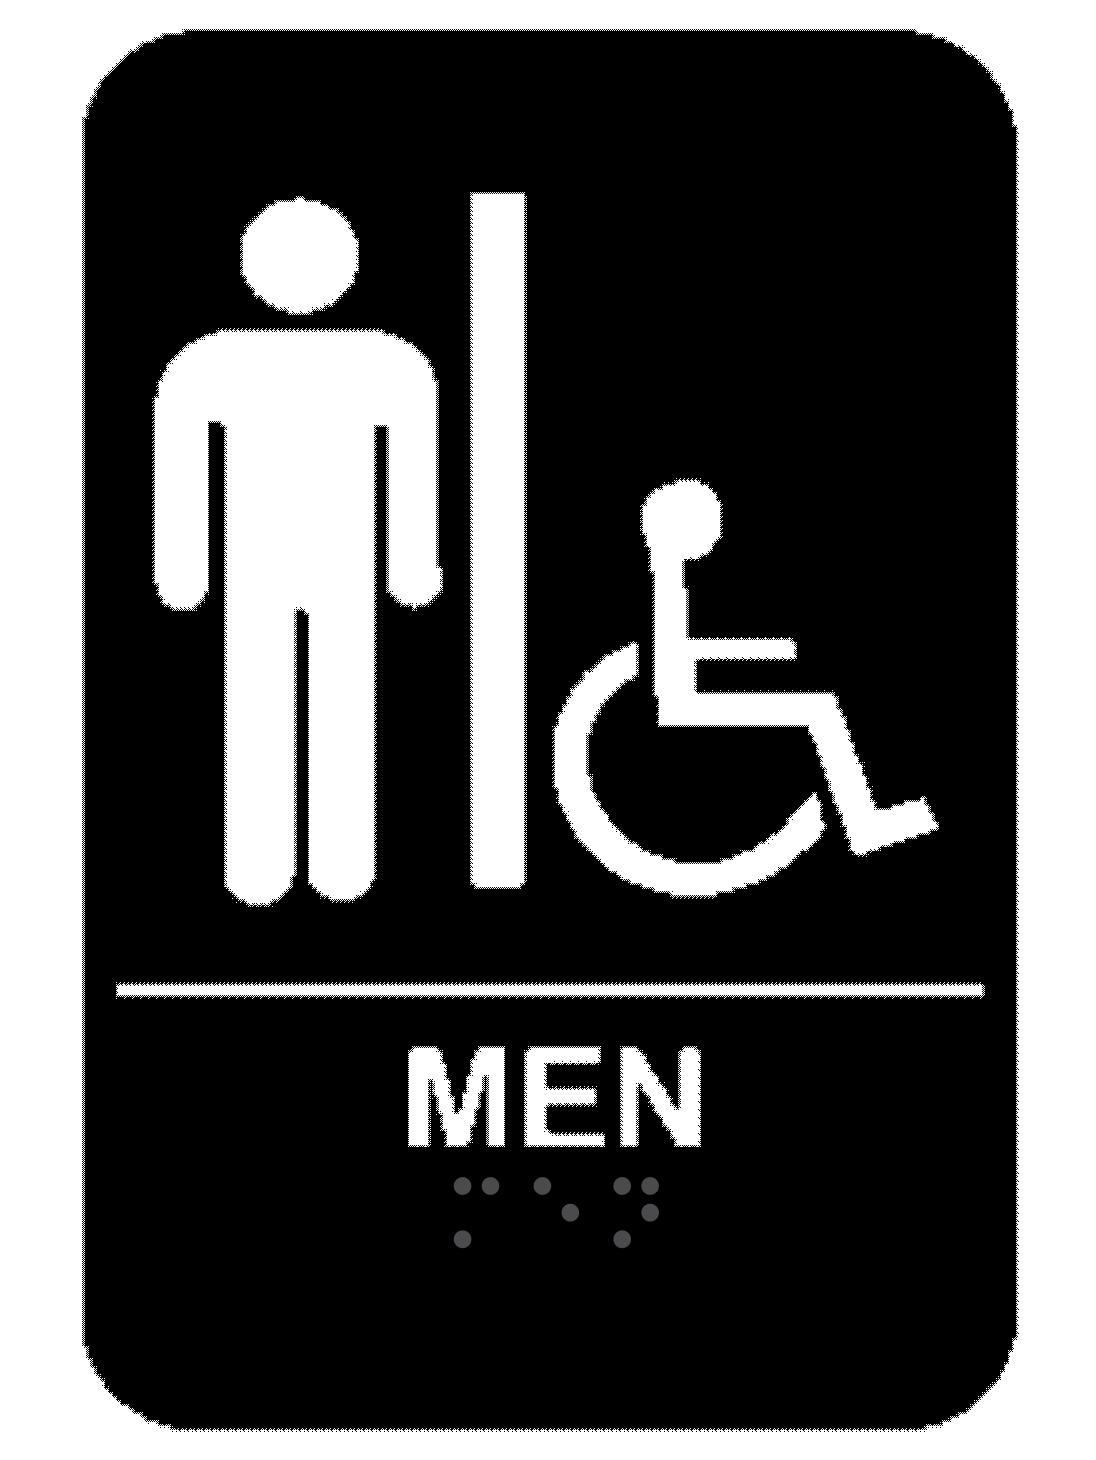 Men S Handicap Ada Braille Restroom Sign